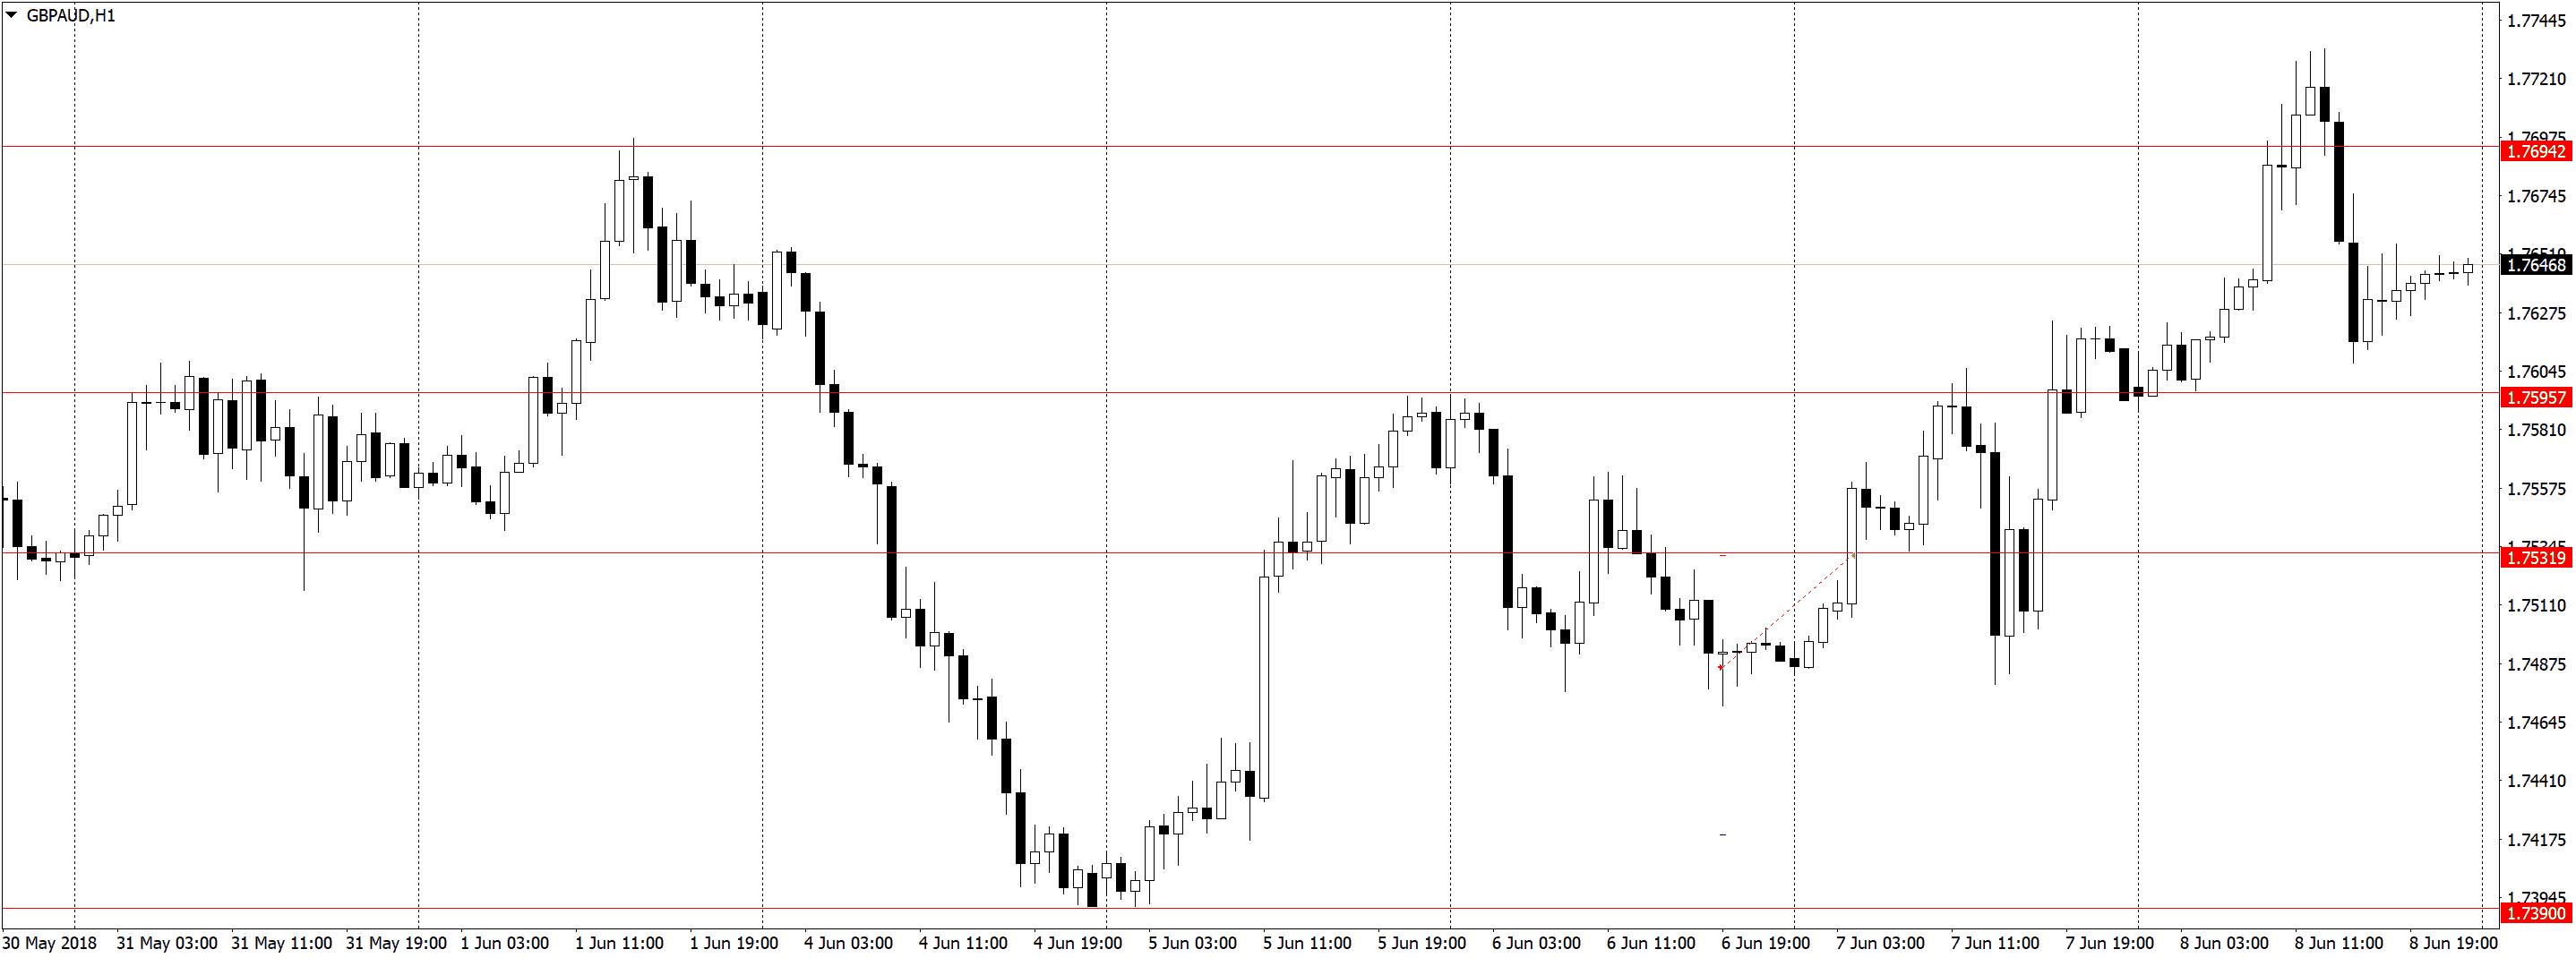 GBPAUDH1 Торговля по H1, трейдинг в удовольствие, три состояния рынка